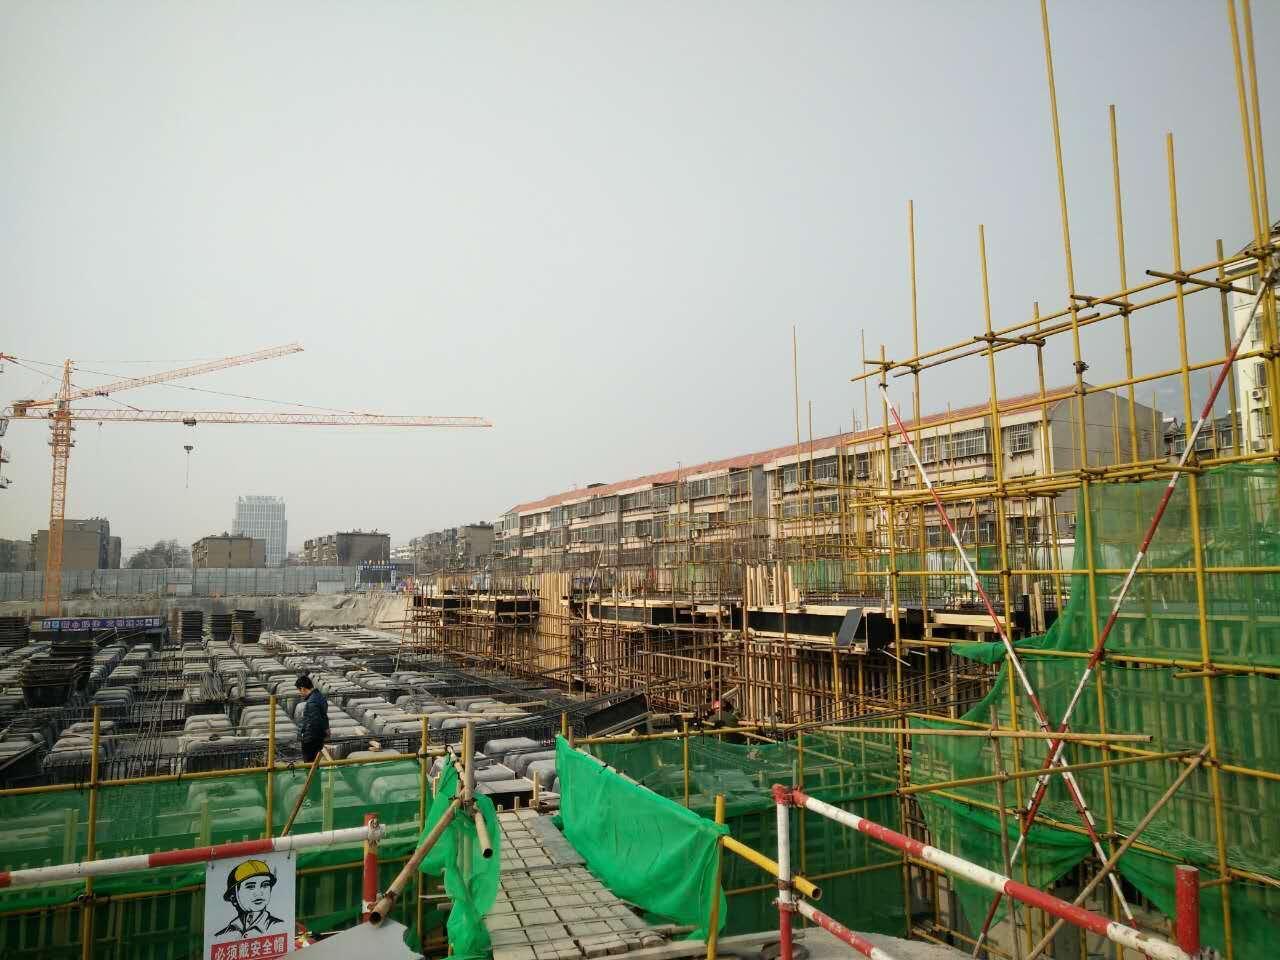 建筑塑料模壳支架立杆的构造要求